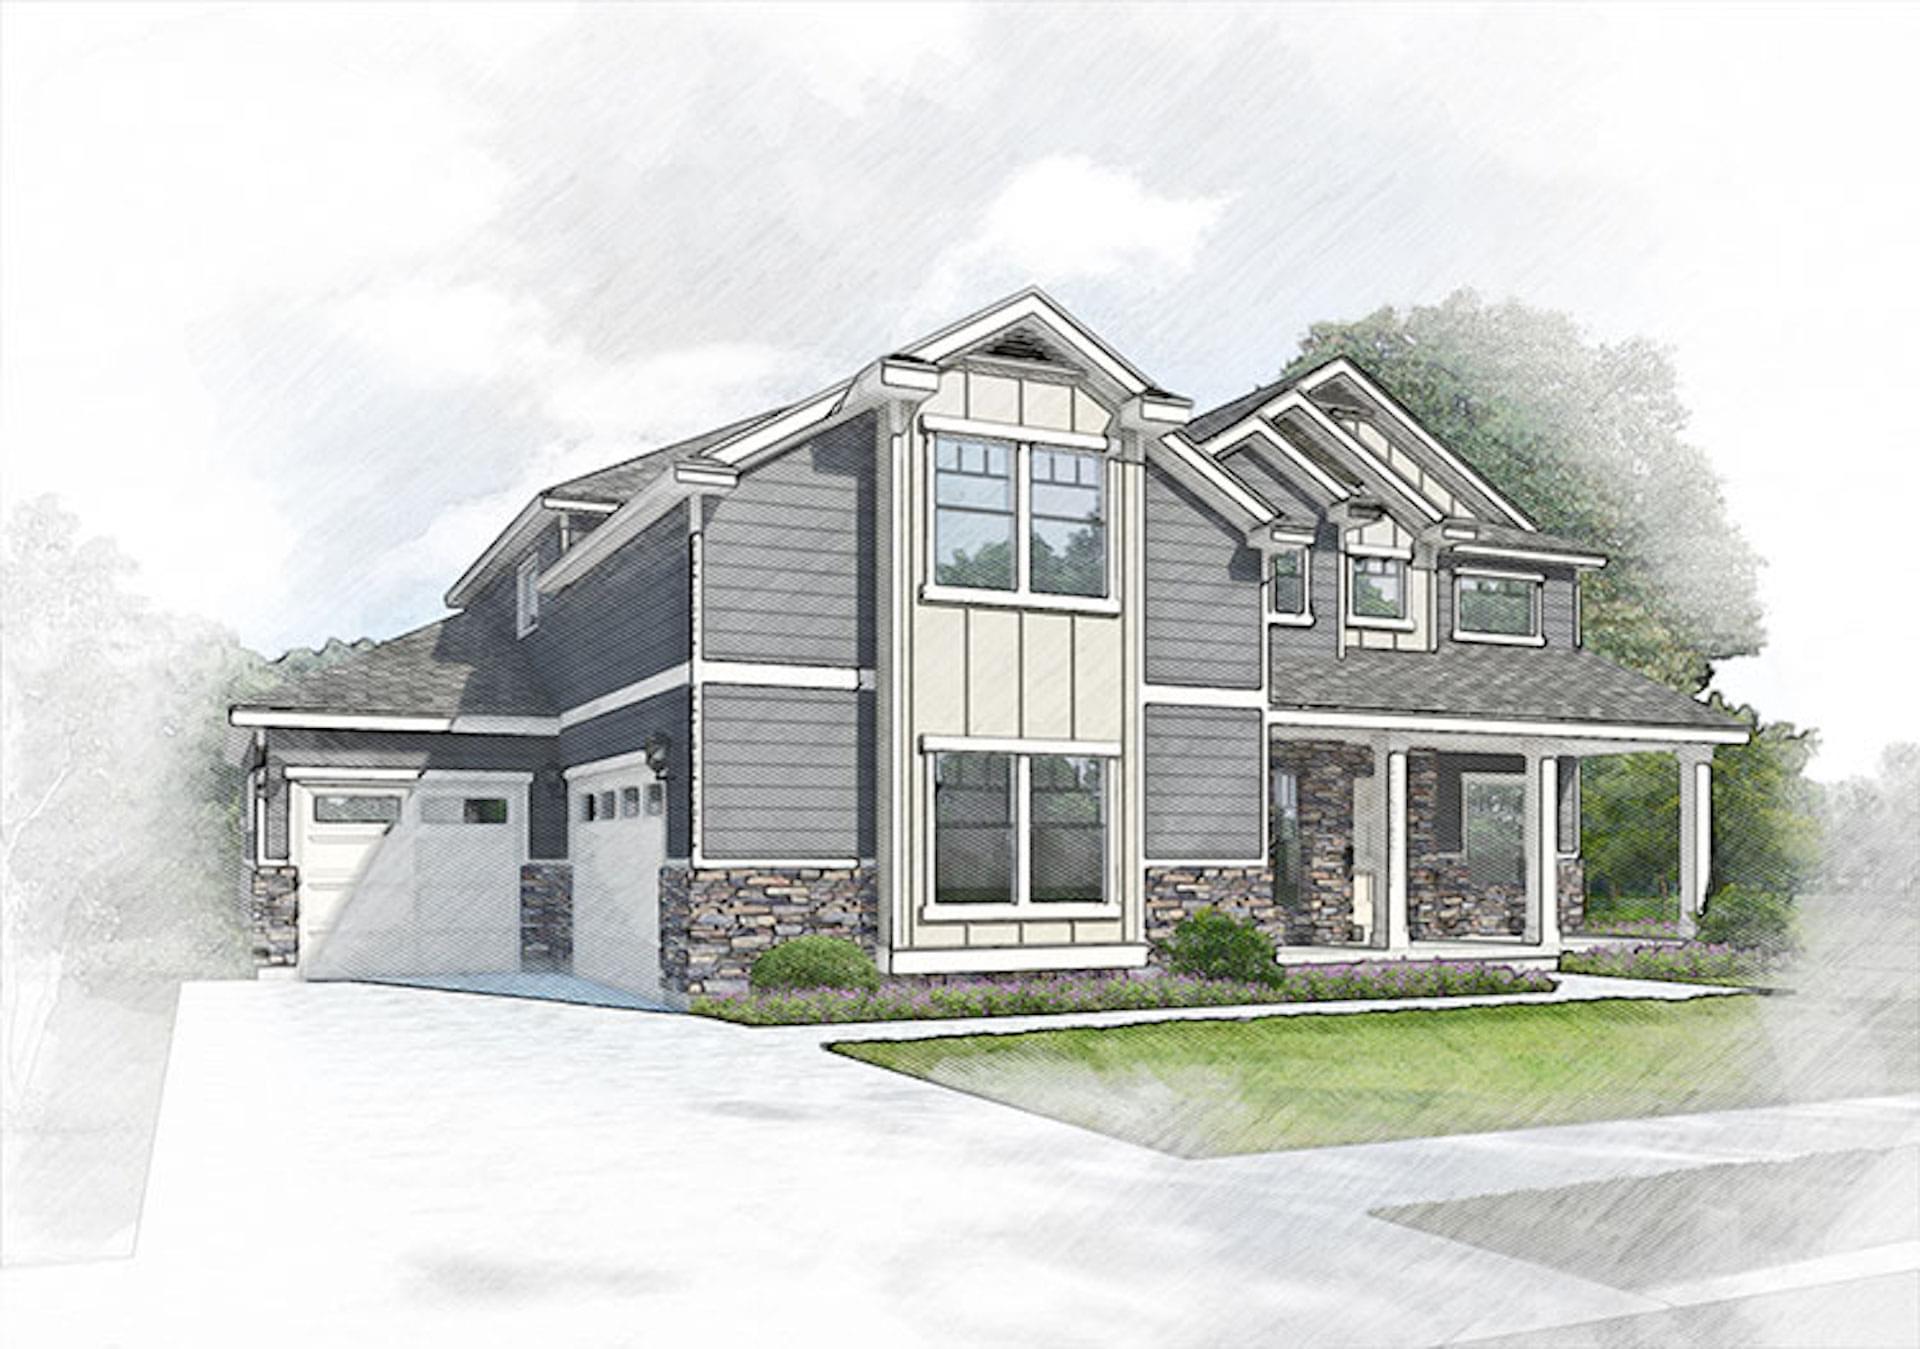 Grand Gallivan new home in Lehi, UT